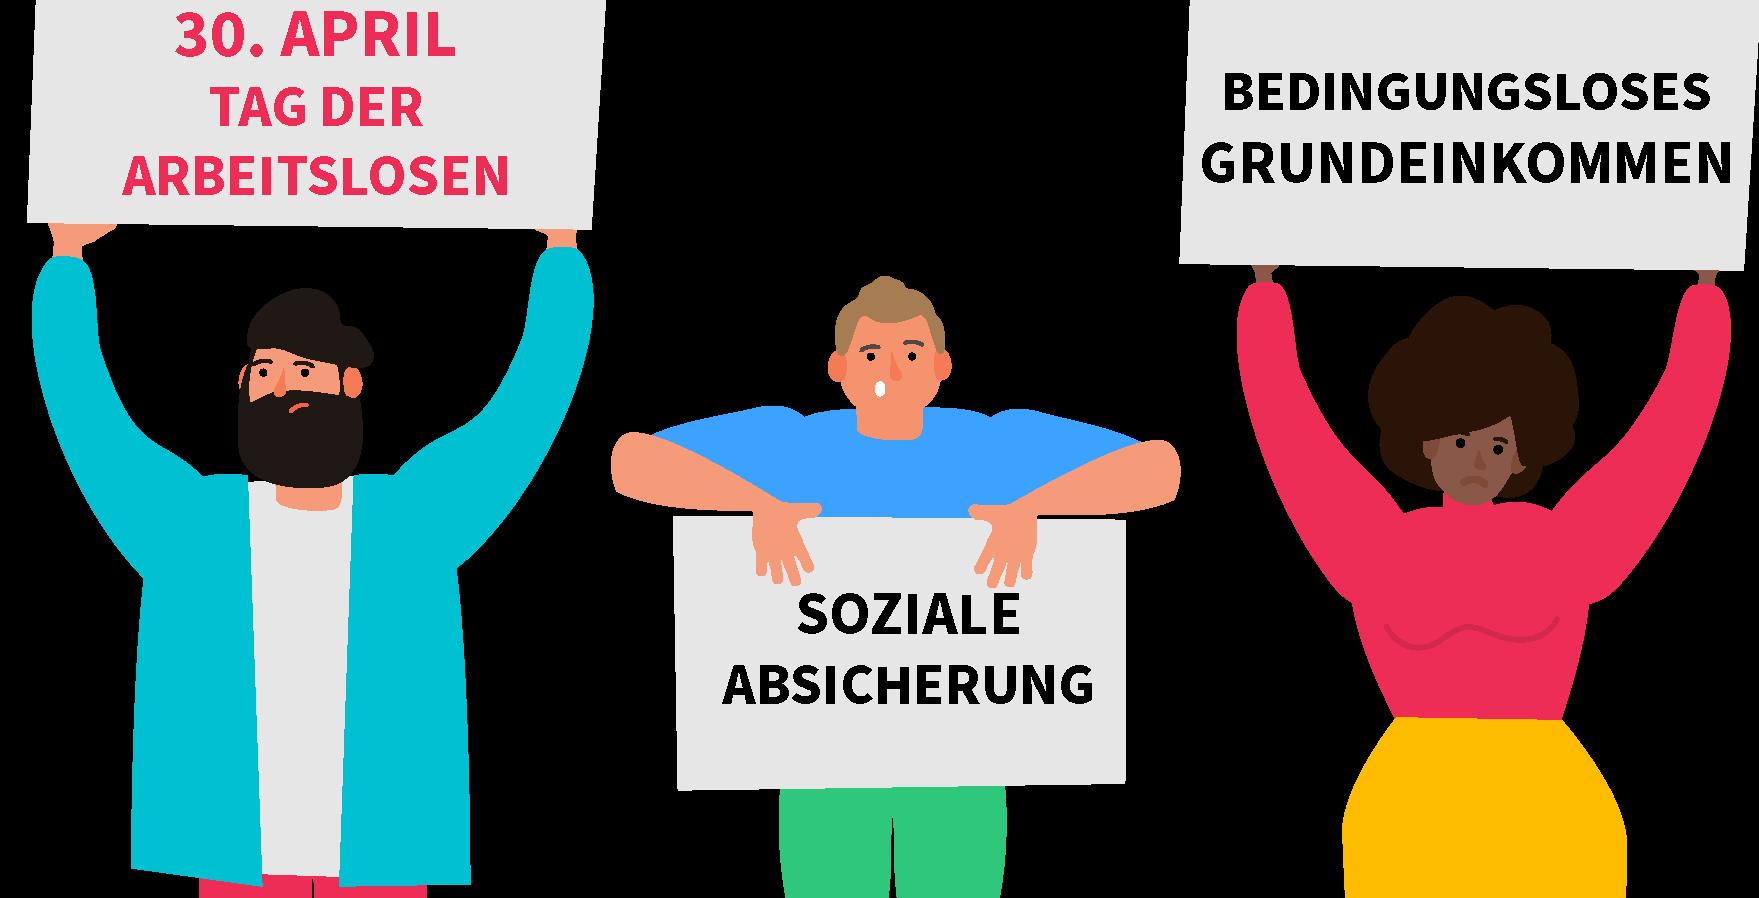 Kirchberg-thening sie sucht ihn markt Sextreff emden